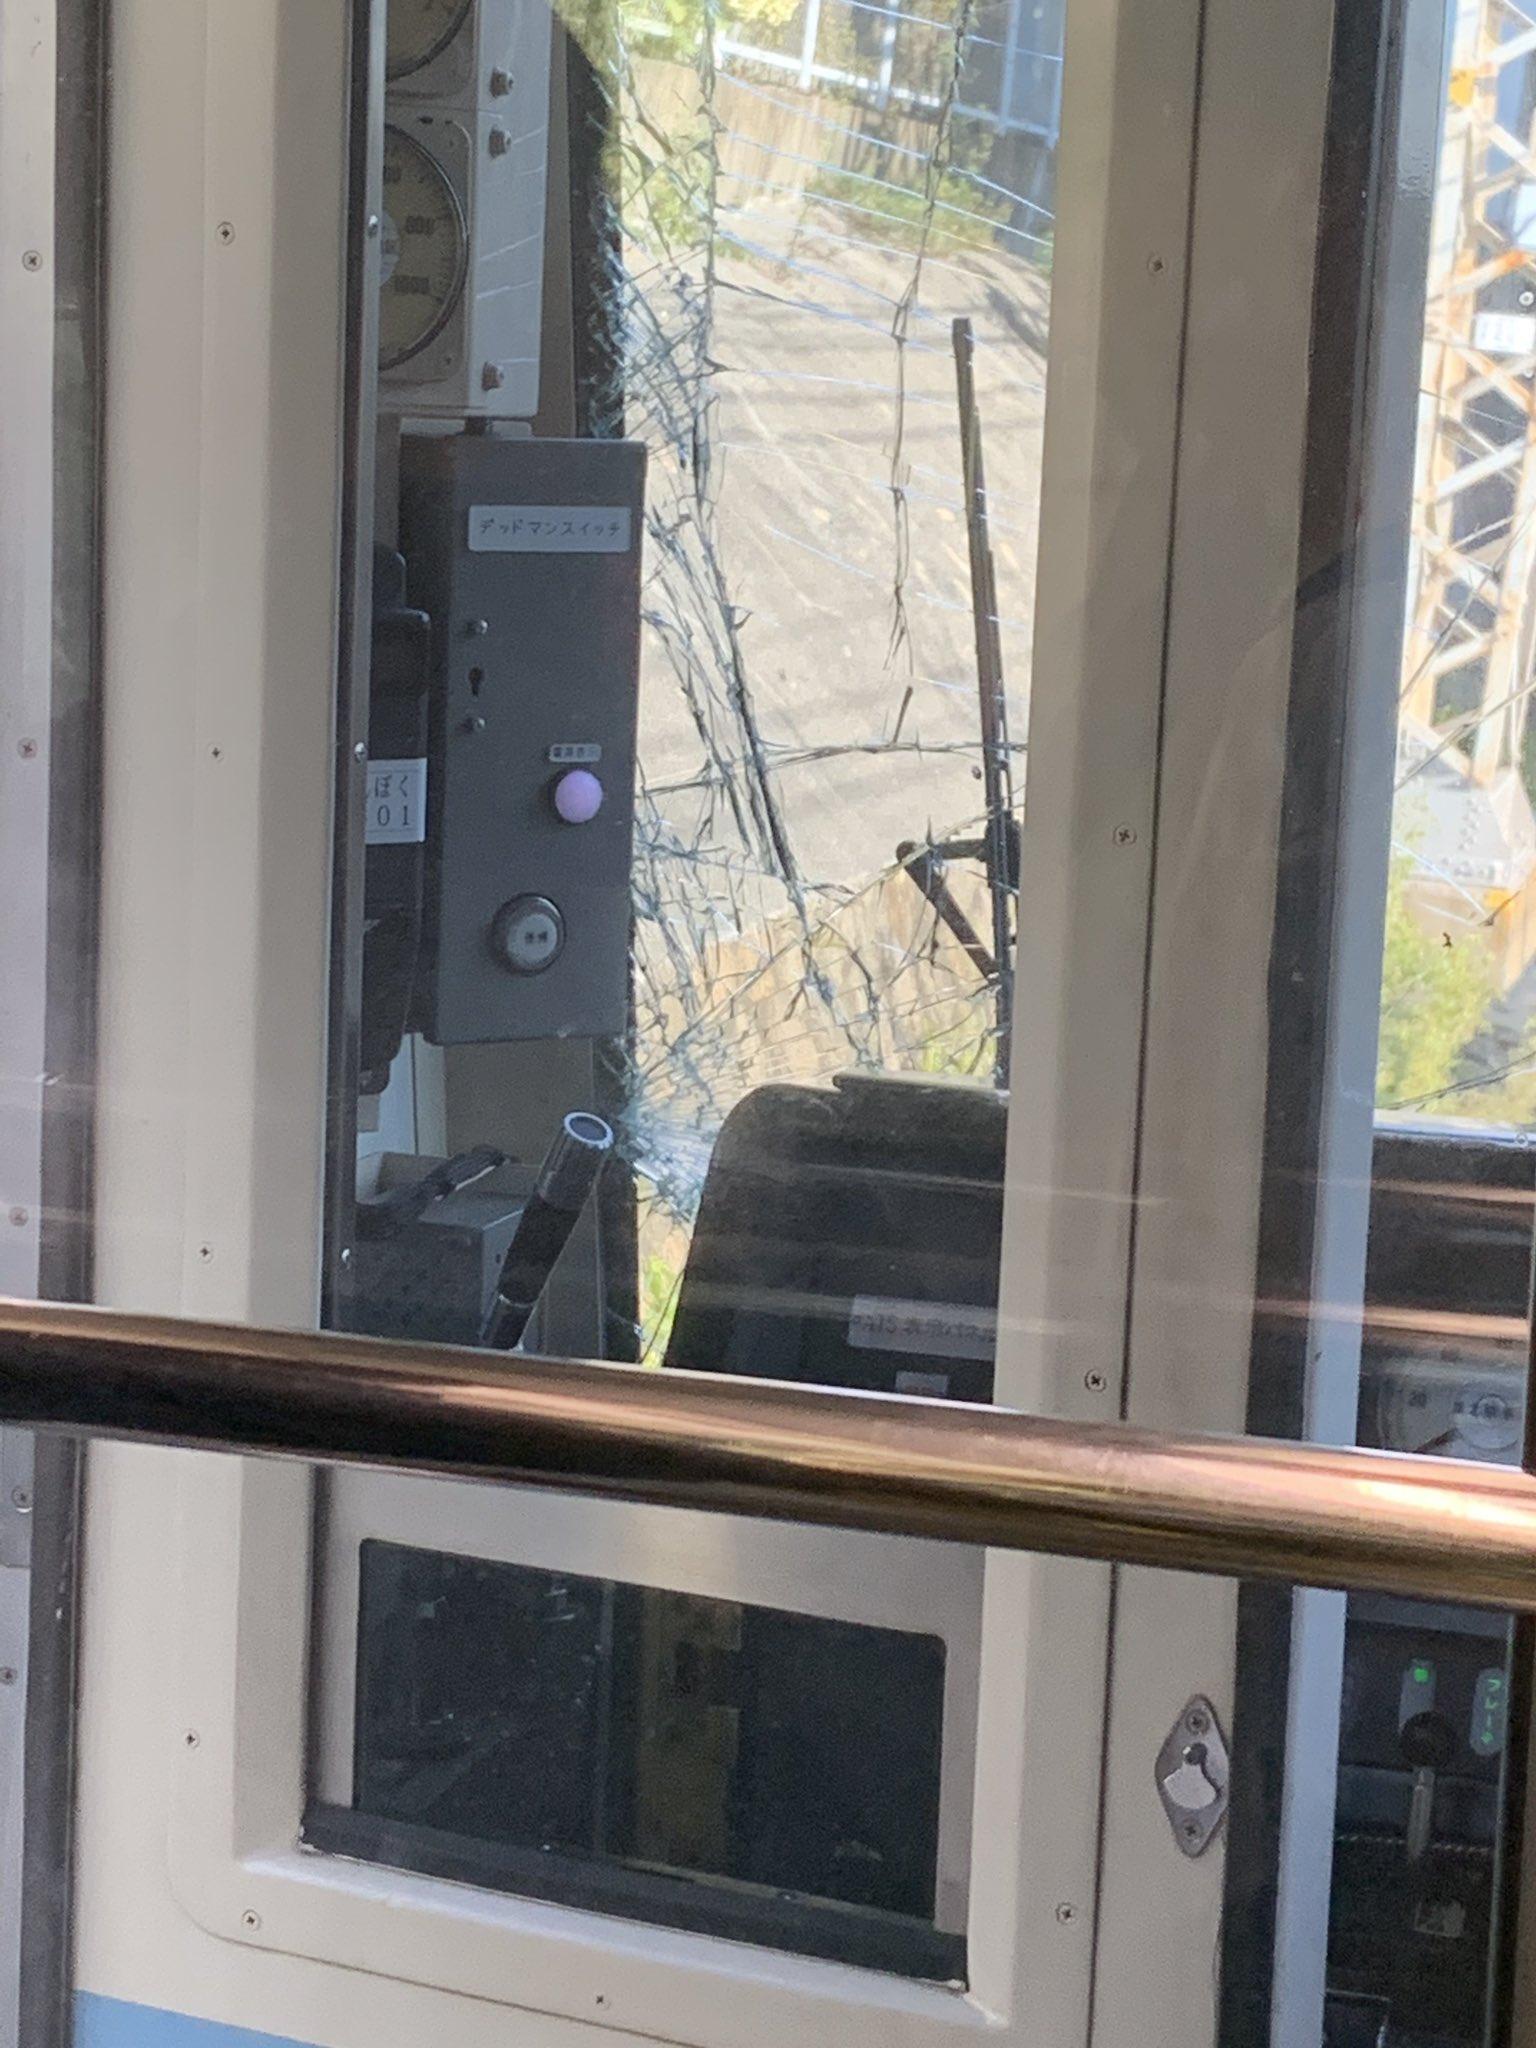 帝塚山駅の人身事故でフロントガラスが割れている現場の画像